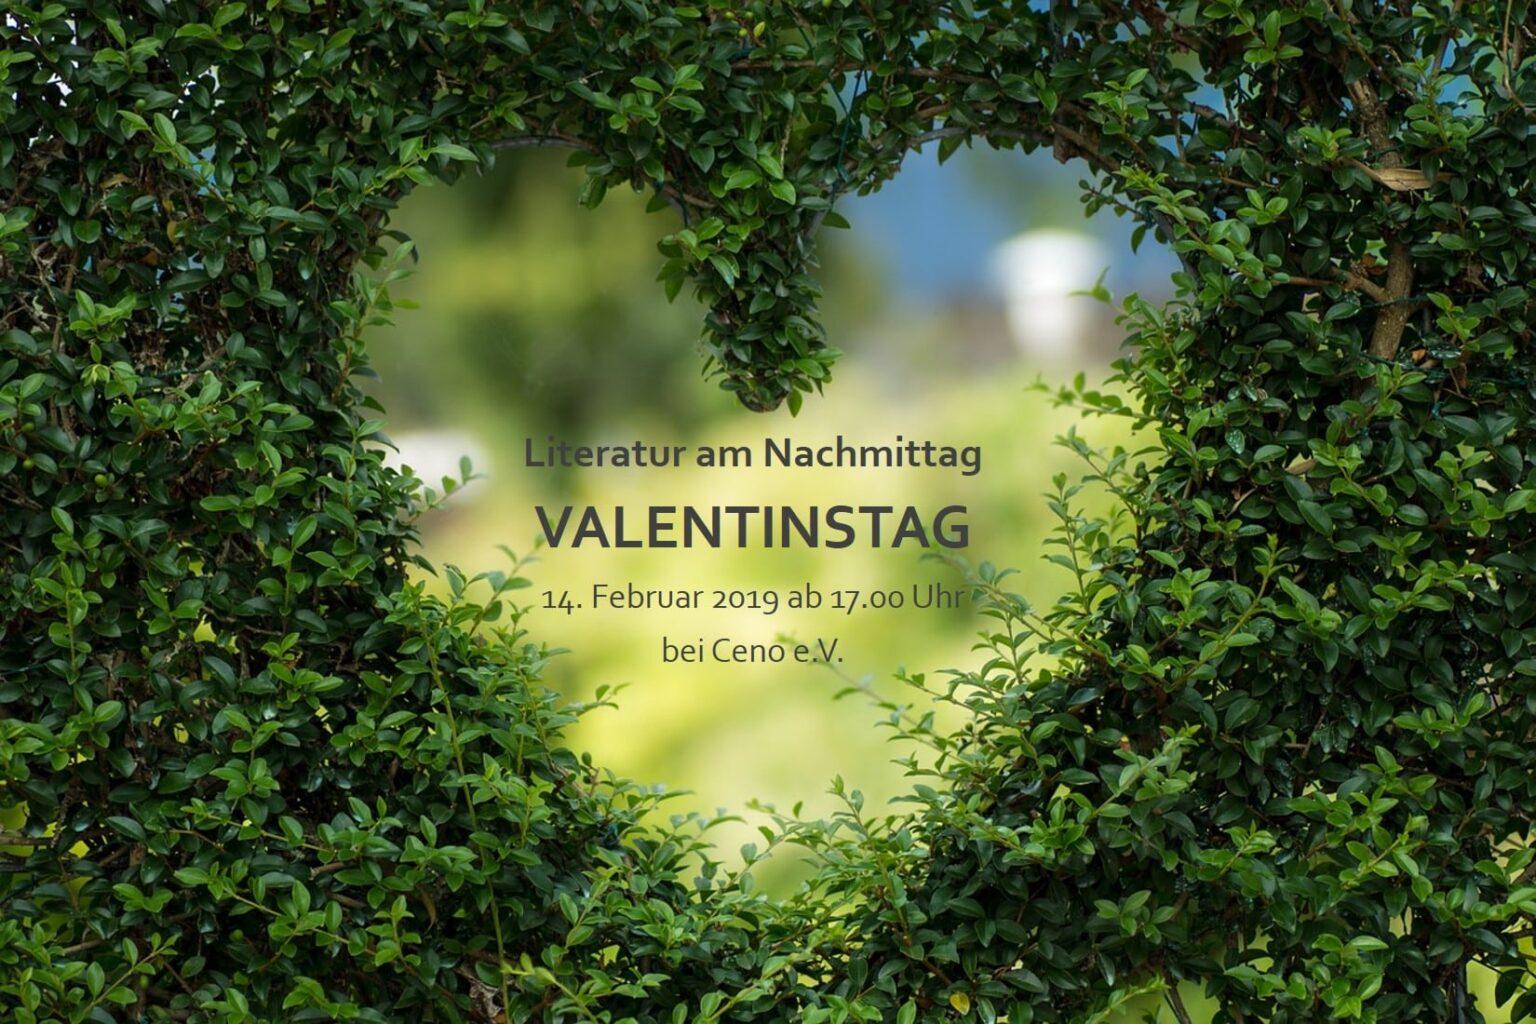 Literatur am Nachmittag - VALENTINSTAG -